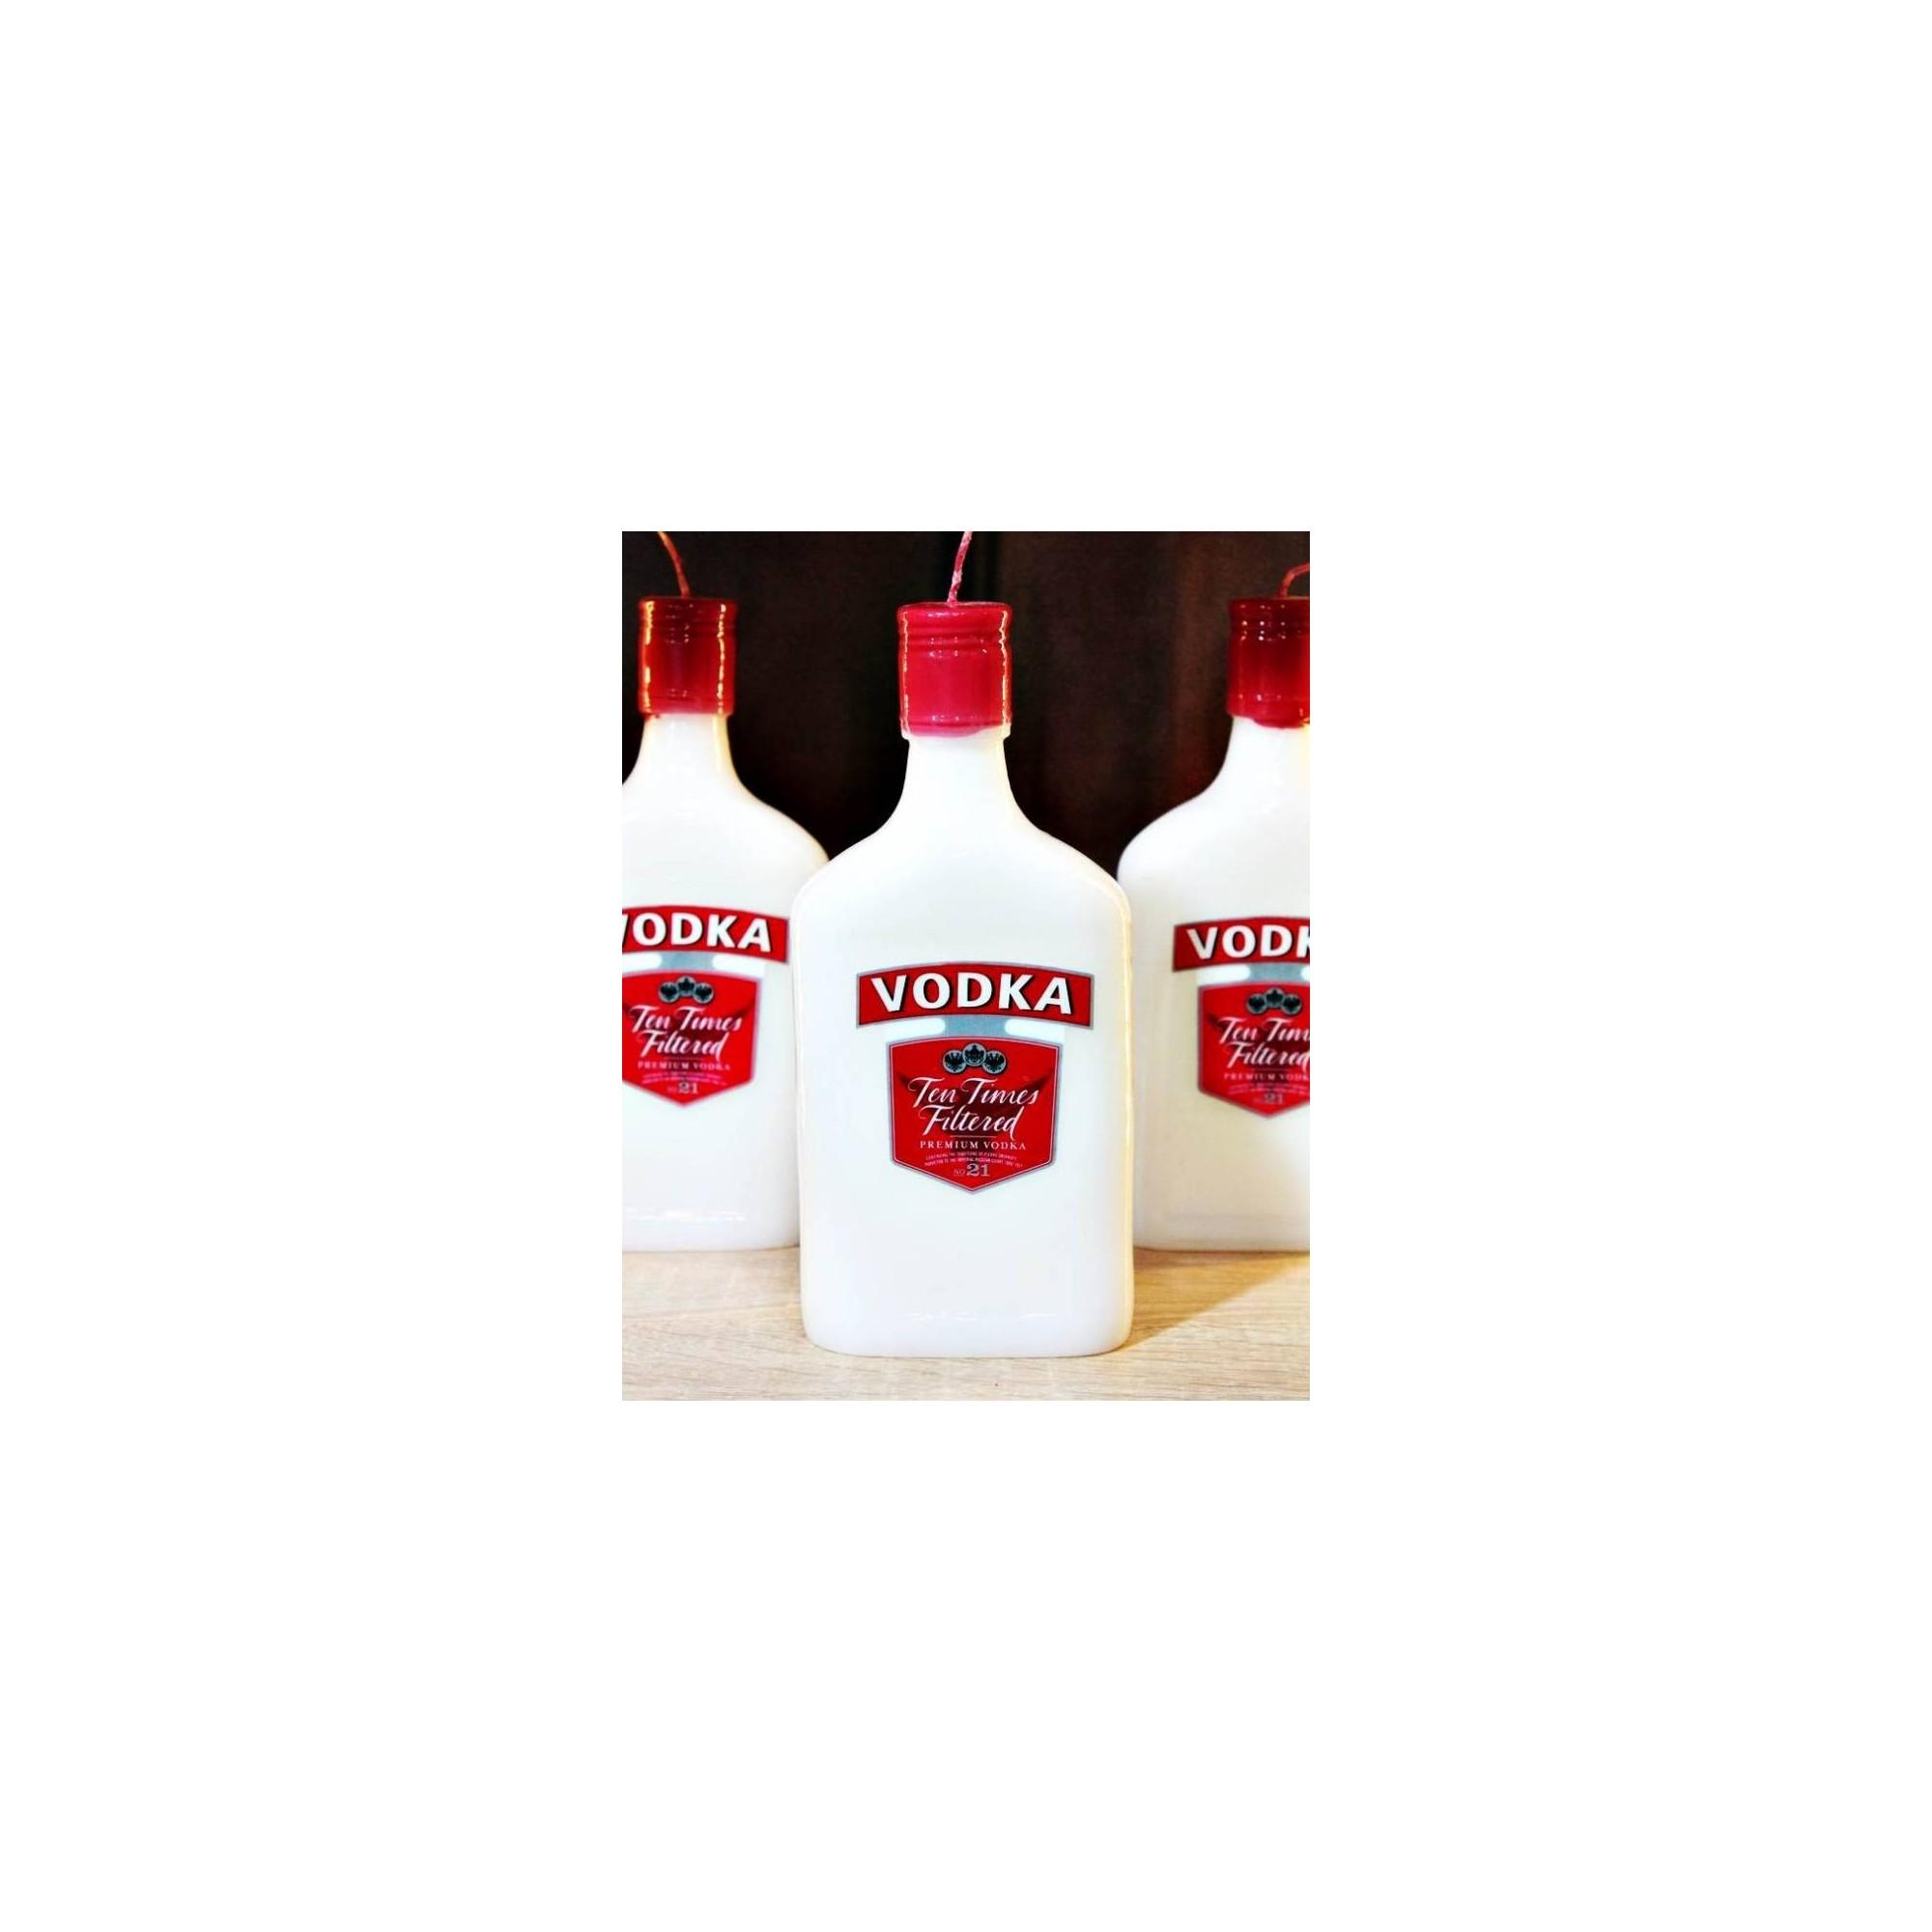 Λαμπάδα μπουκάλι βότκα - G1832